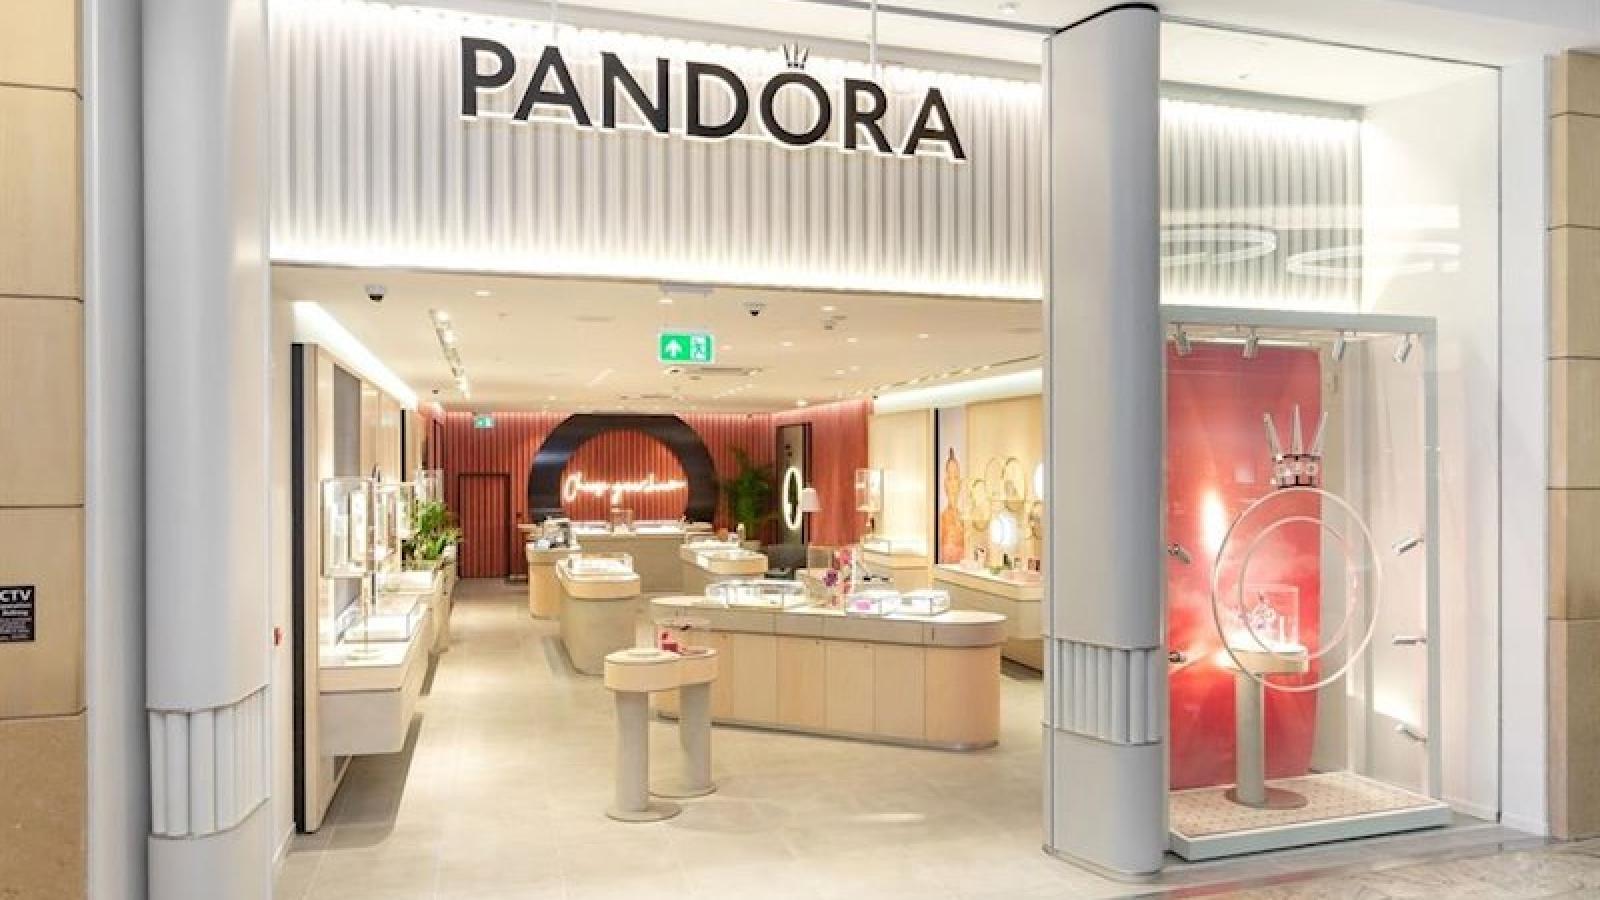 Thương hiệu đồ trang sức nổi tiếng Pandora đóng cửa ¼ số cửa hàng bán lẻ do Covid-19